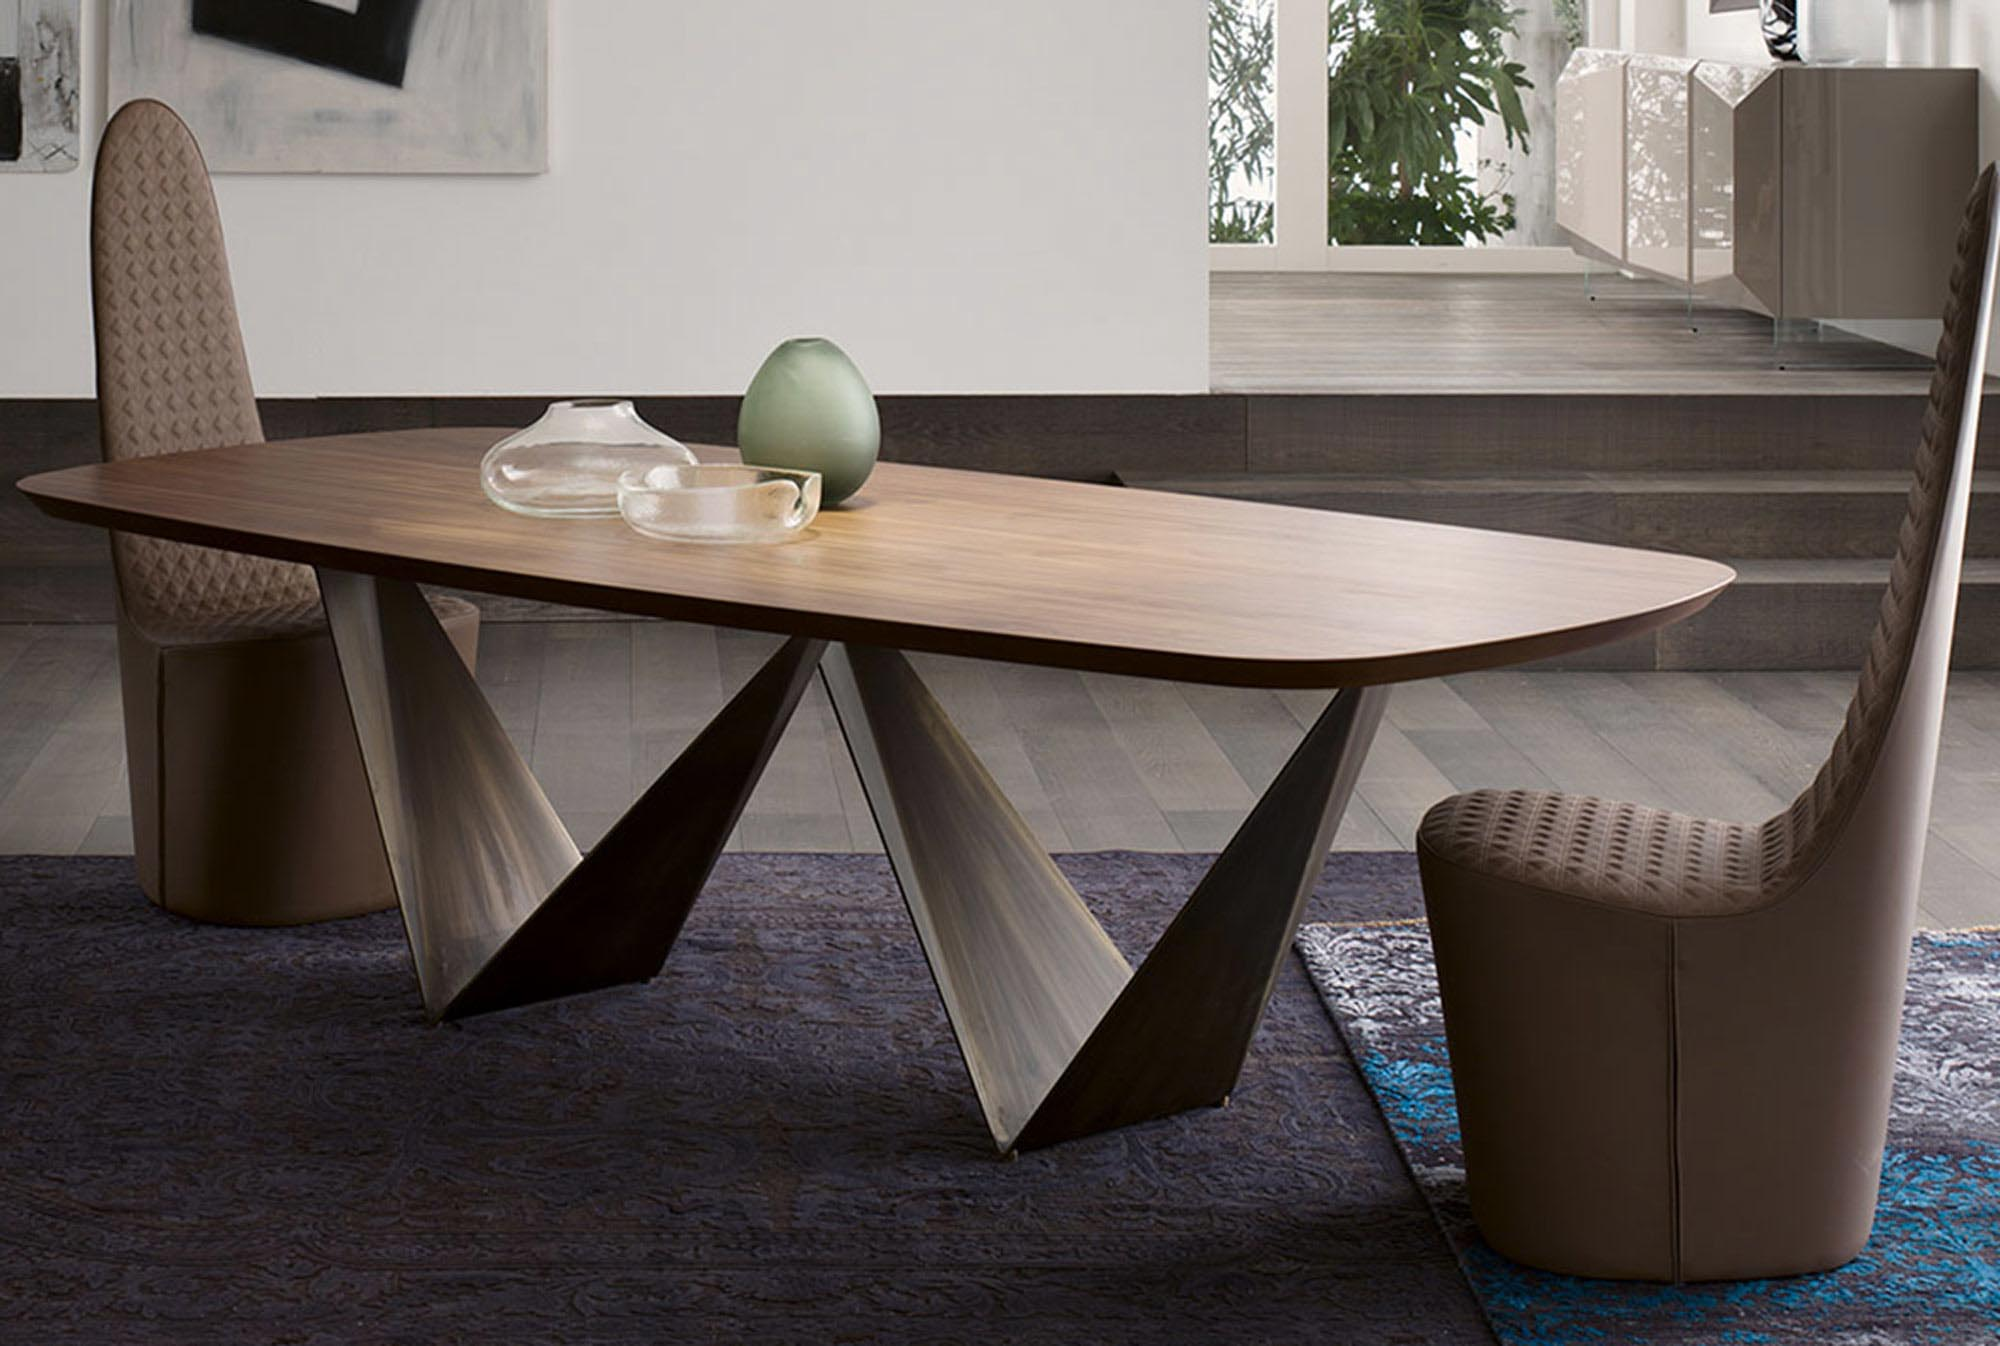 tavoli-sedie-grflex-aversa-007